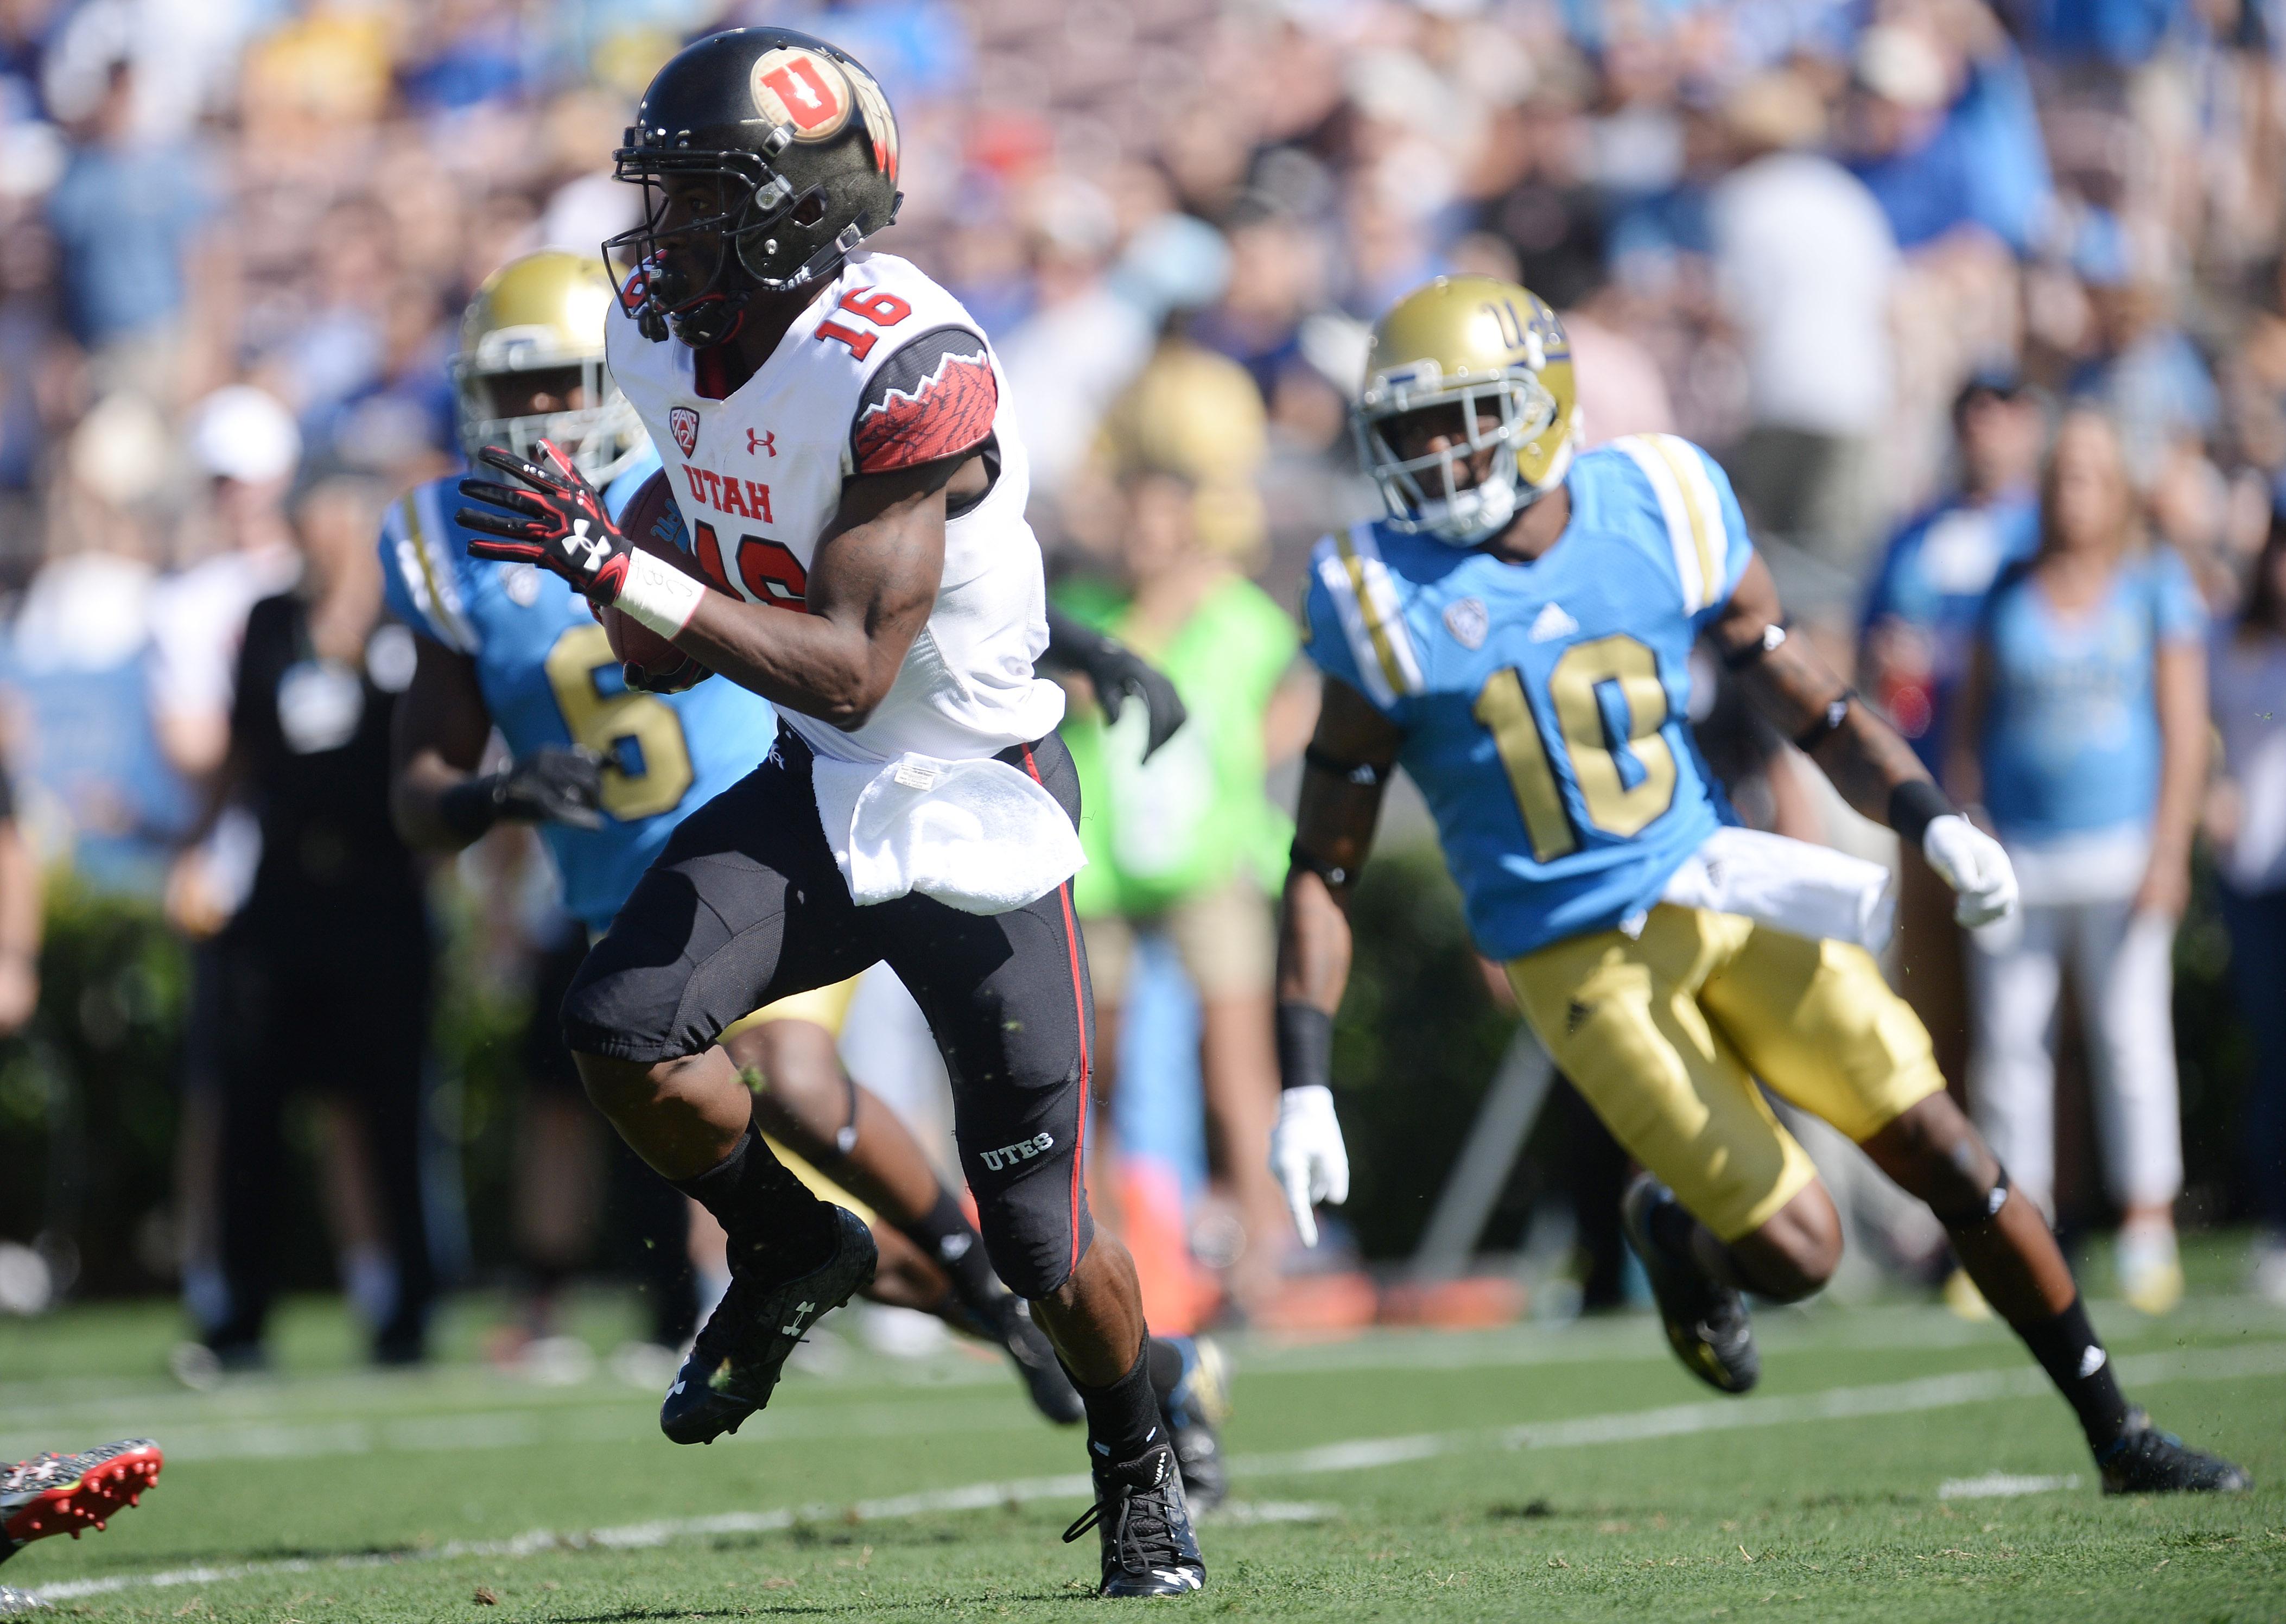 NCAA Football: Utah at UCLA